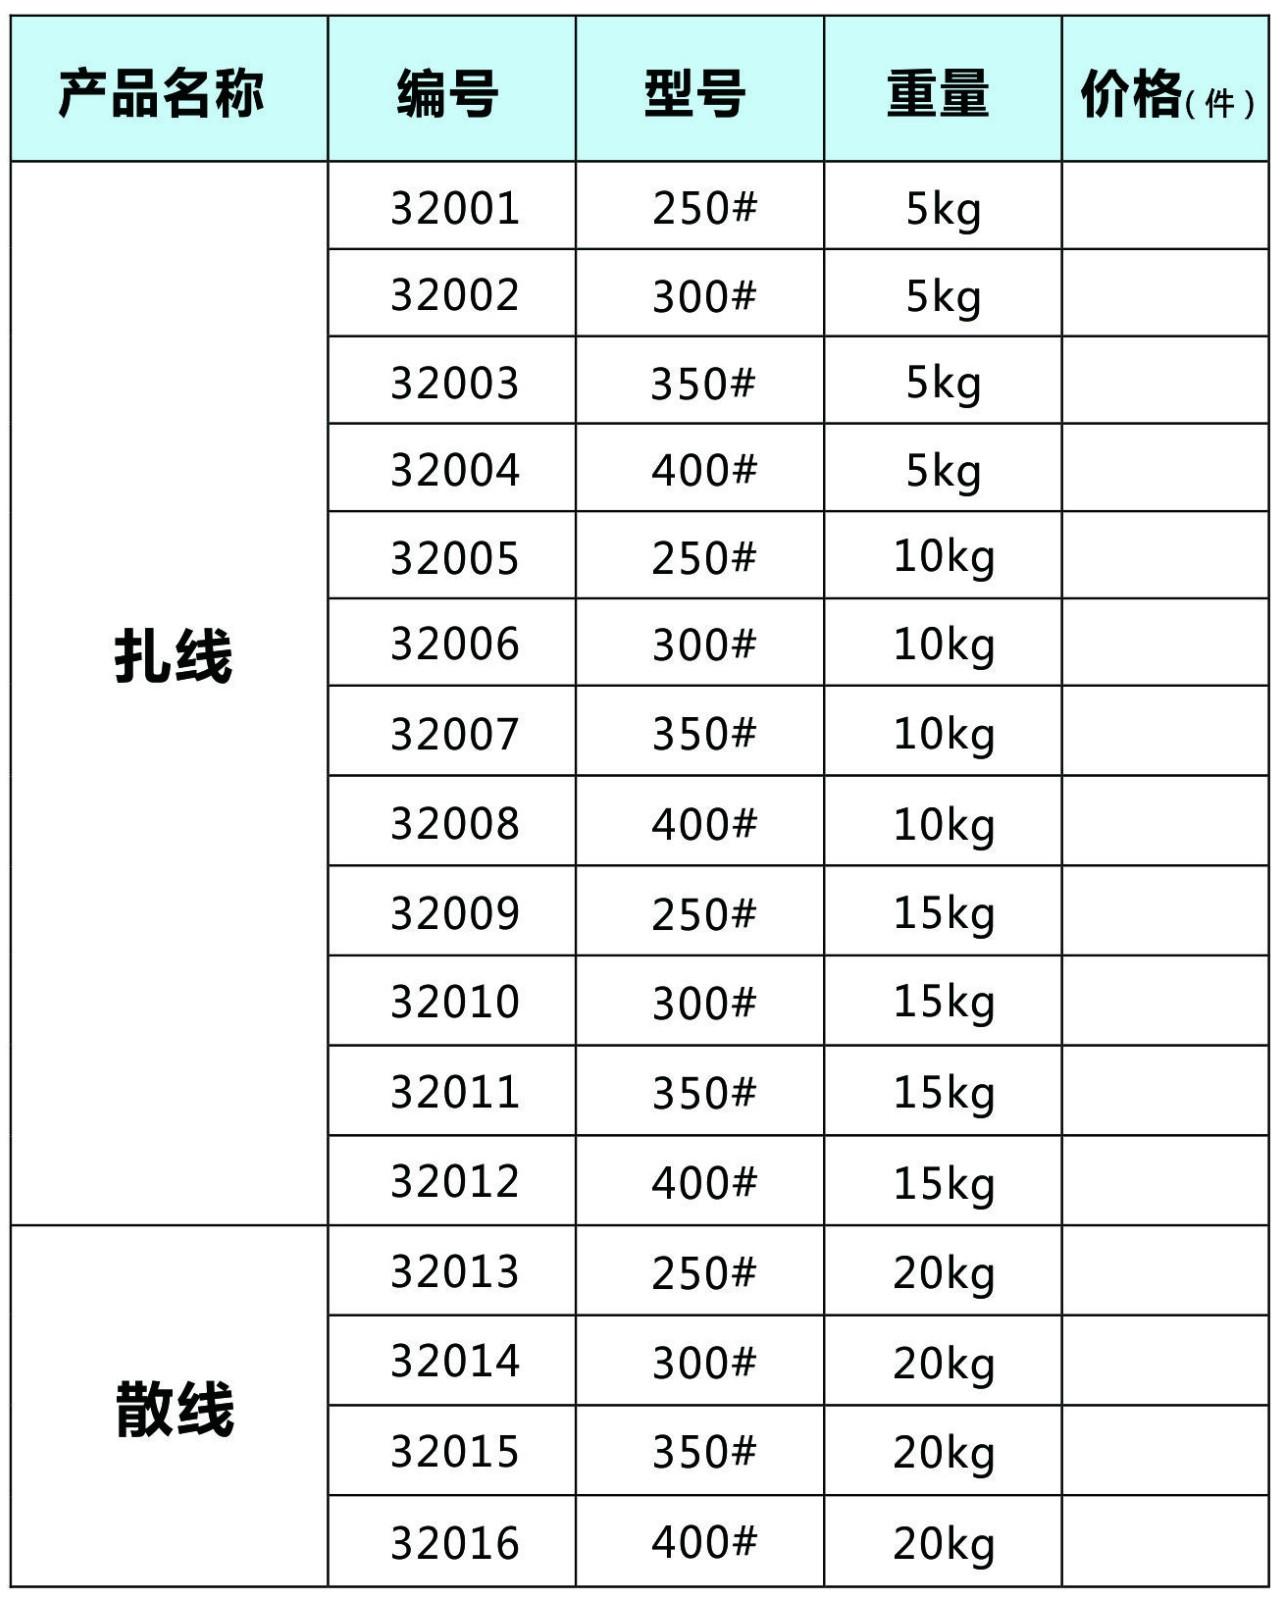 扎线|五金建材农用产品系列-四会市华通金属筛网制品有限公司